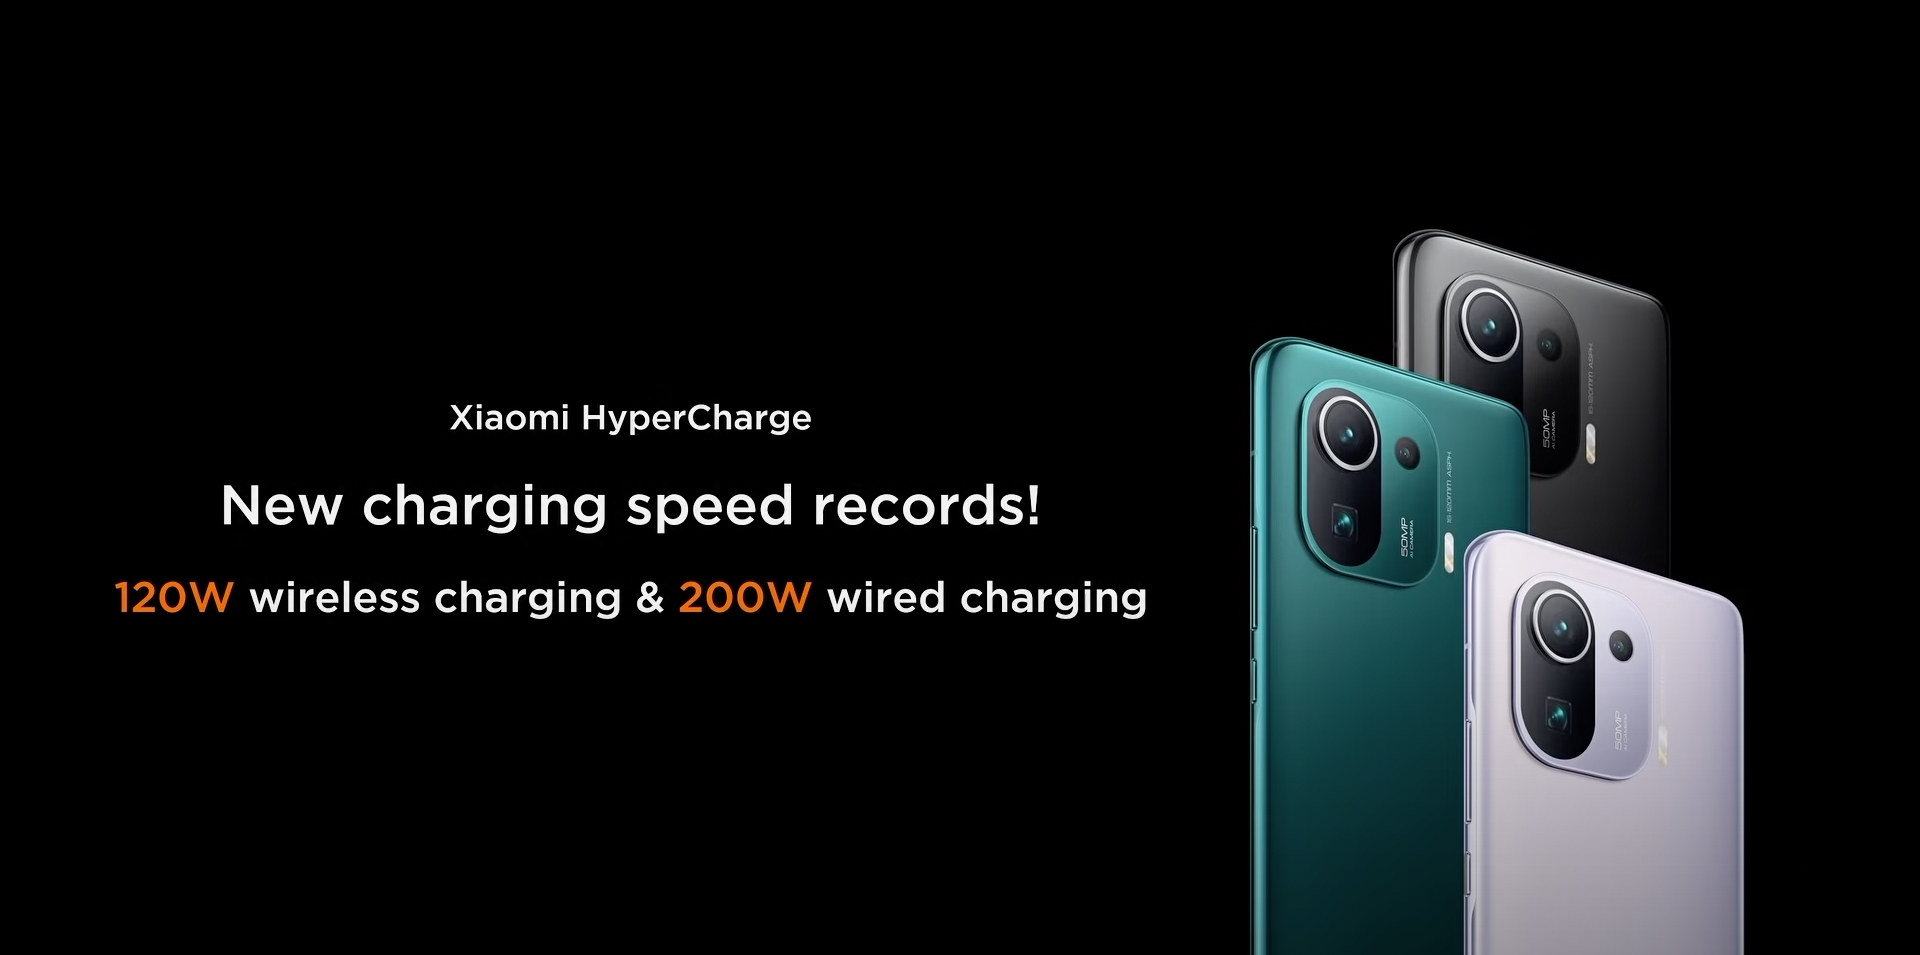 8 минут по проводу и 15 минут по без проводу: Xiaomi представила сверхбыструю зарядку HyperCharge с мощностью до 200 Вт